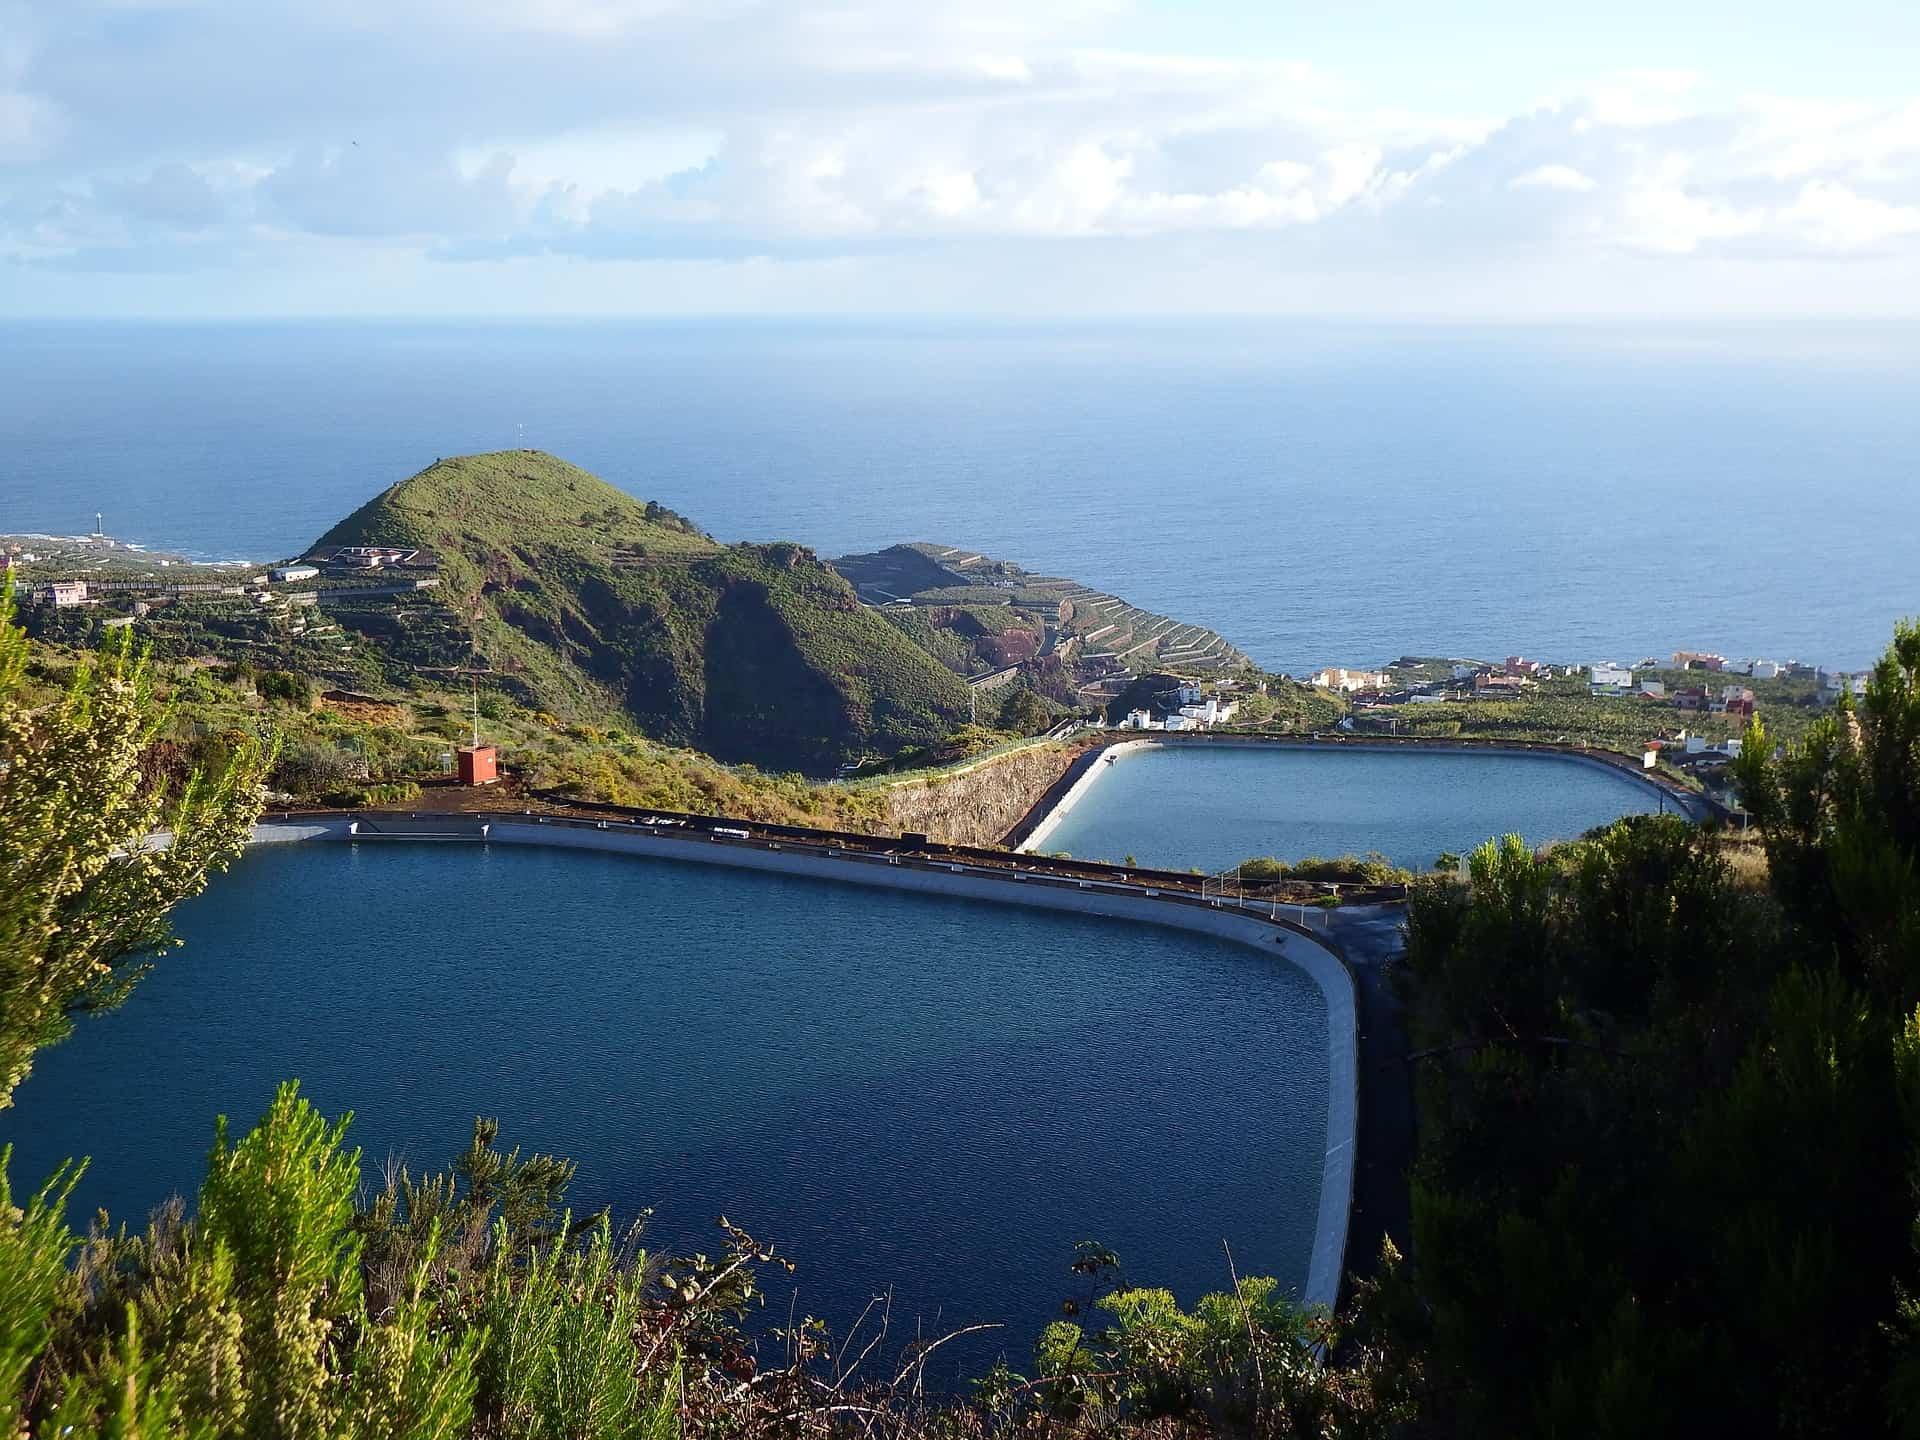 Urlaub La Palma - ab 233,61€ 1 Woche Kanarische Inseln Spanien